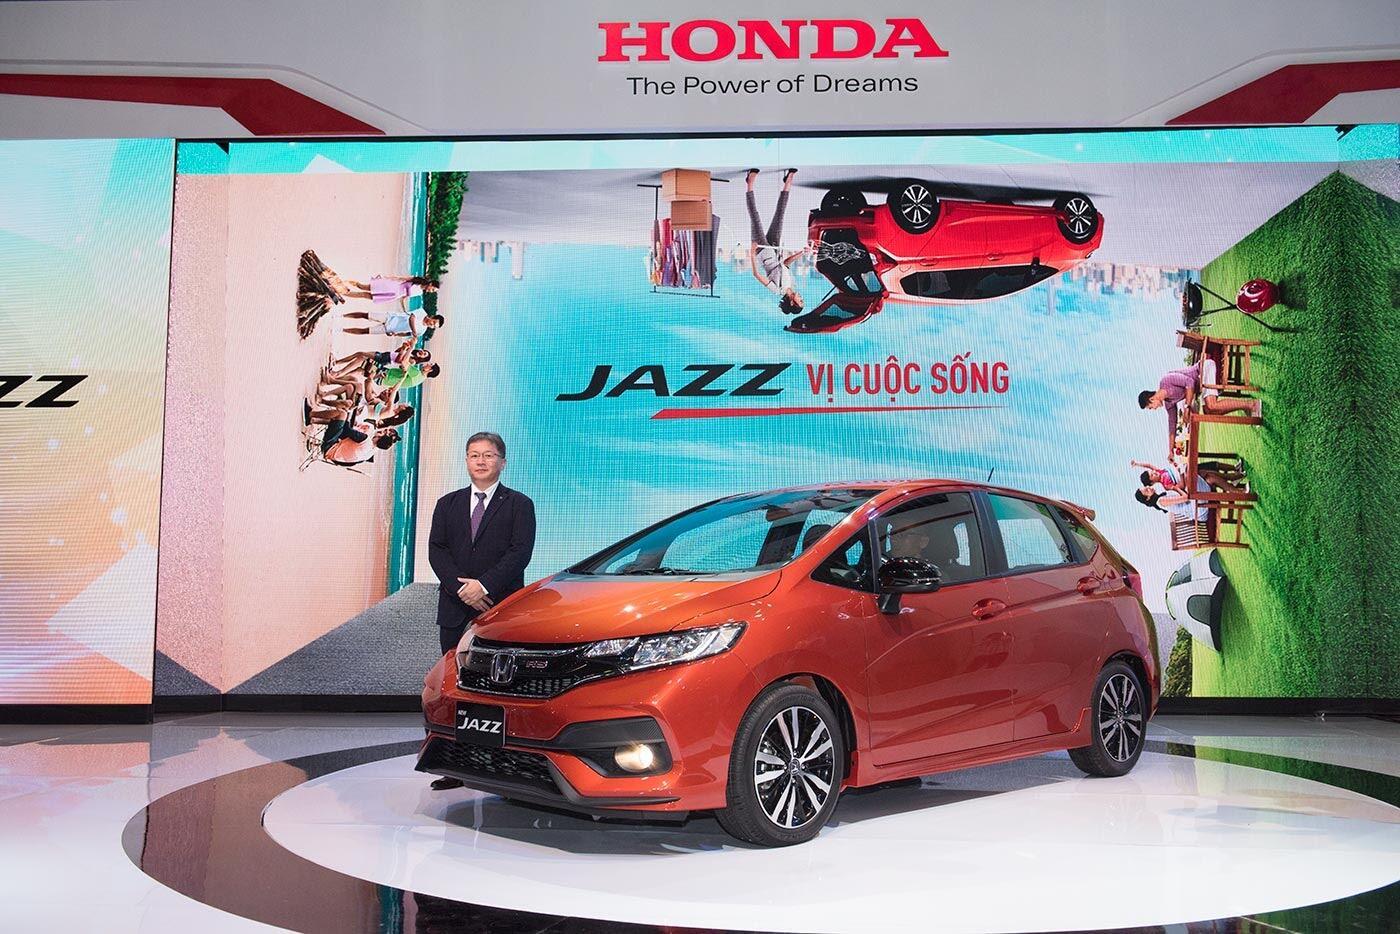 """Đến VMS 2107, """"nếm"""" vị cuộc sống tại gian hàng Honda - Hình 3"""